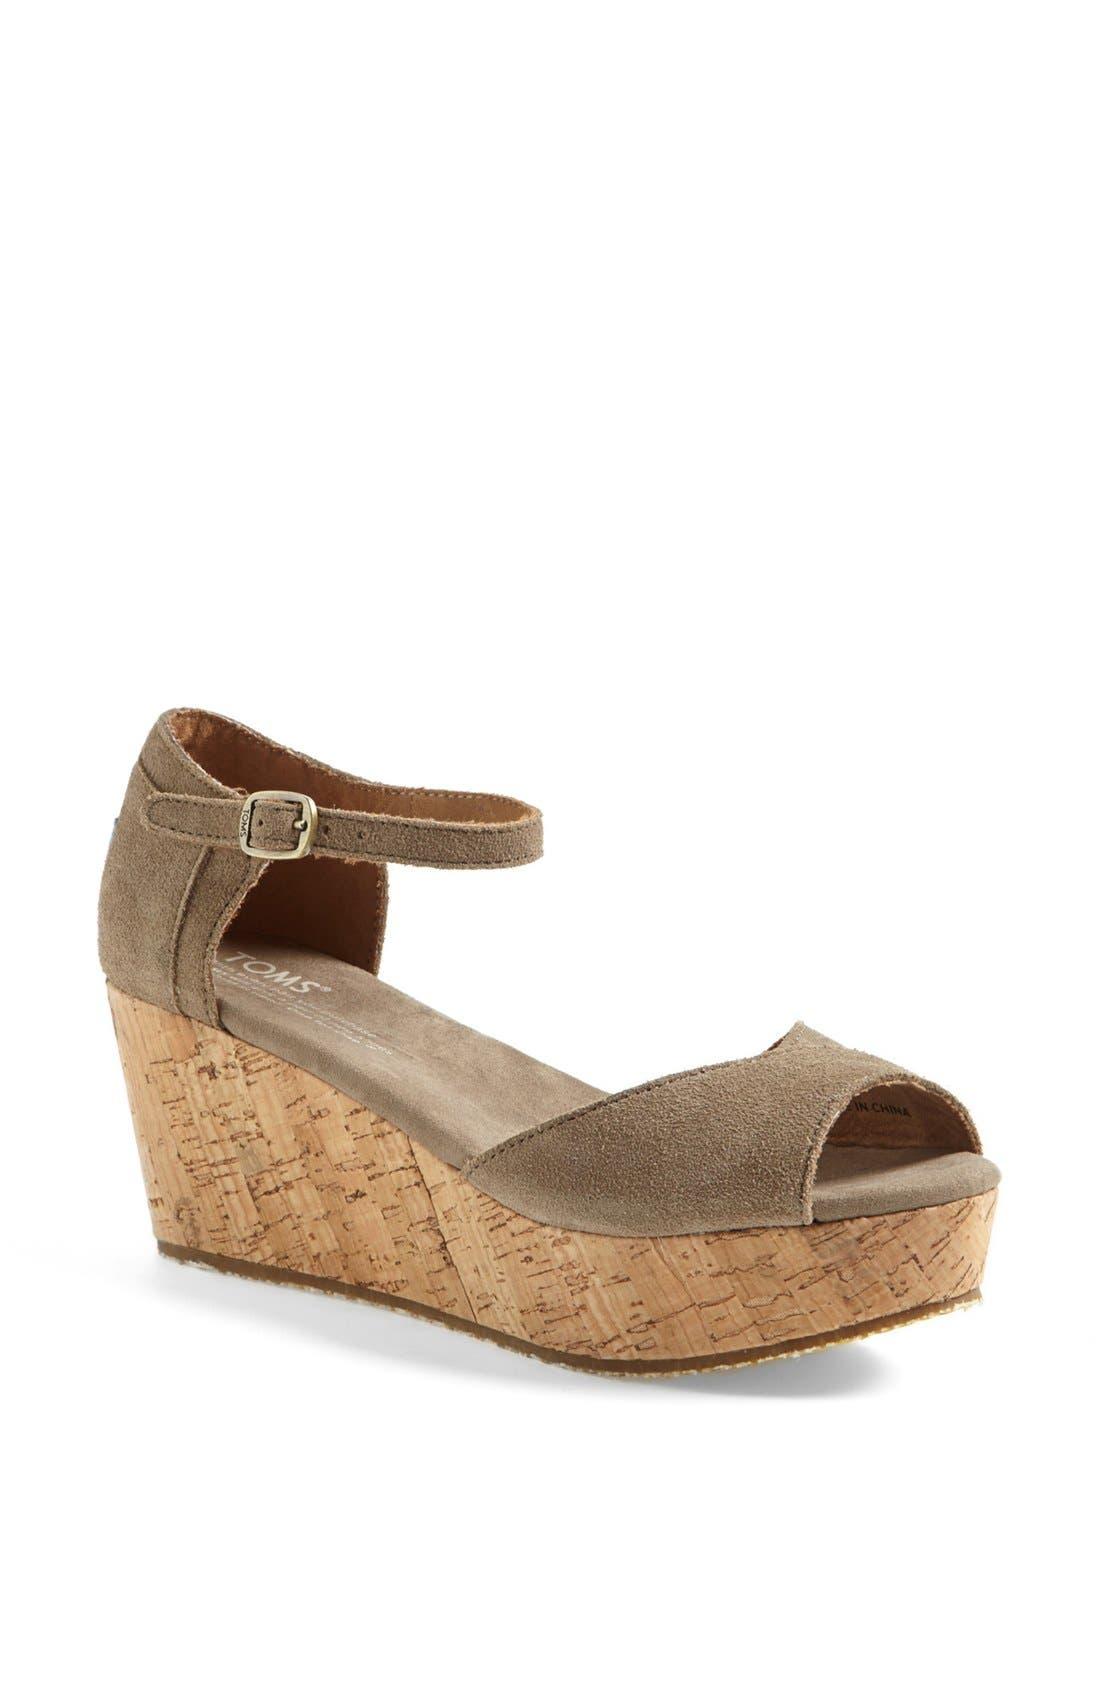 Main Image - TOMS Platform Wedge Sandal (Women)